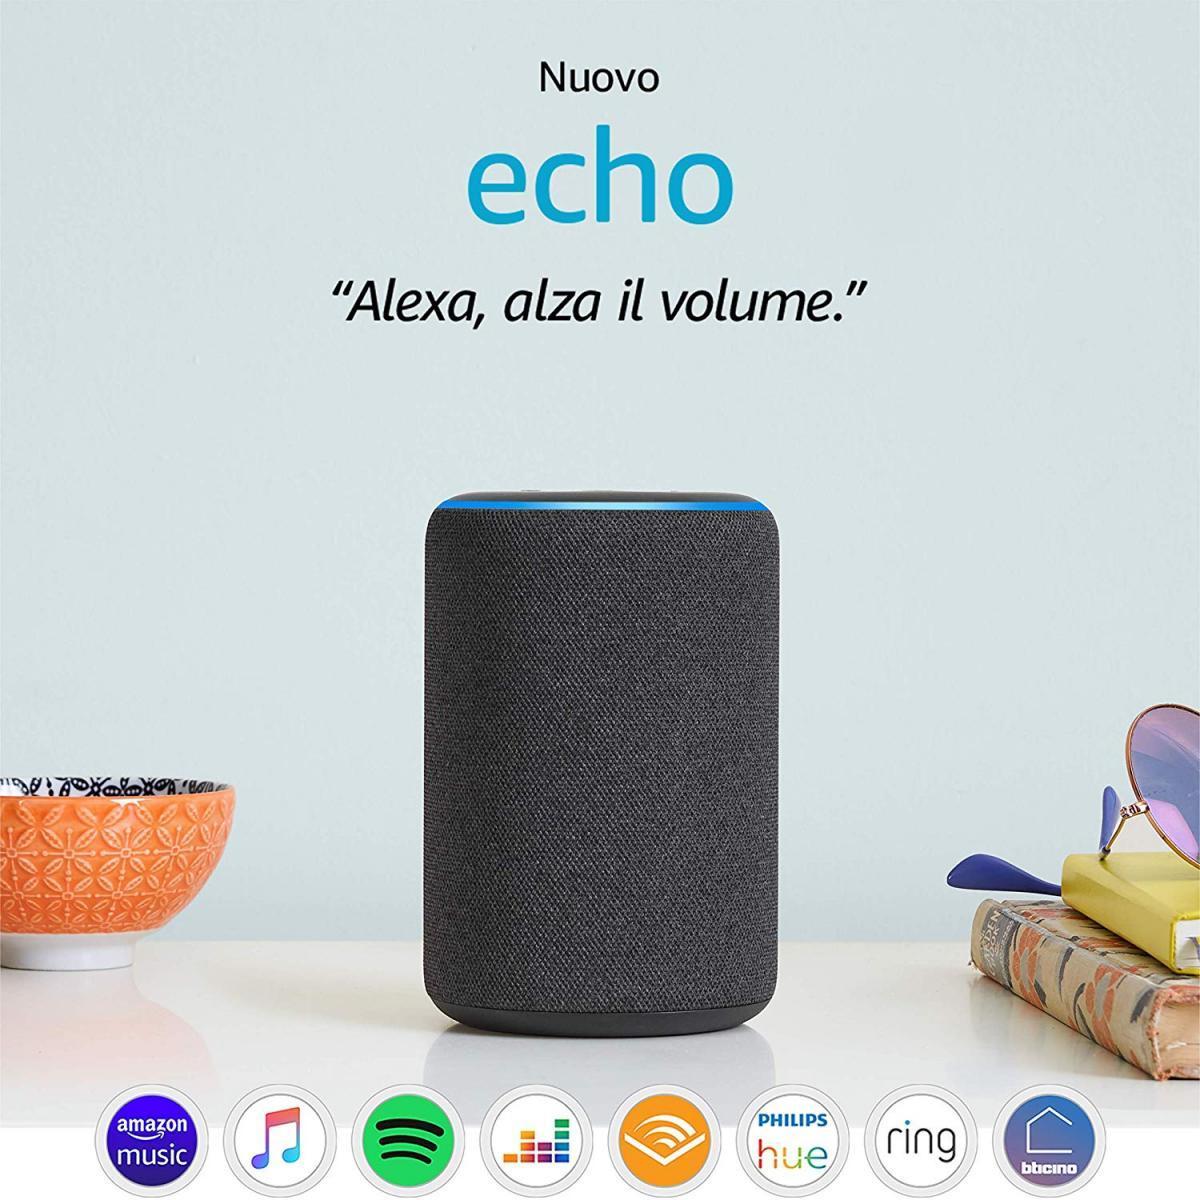 1 - Echo (3ª generazione)